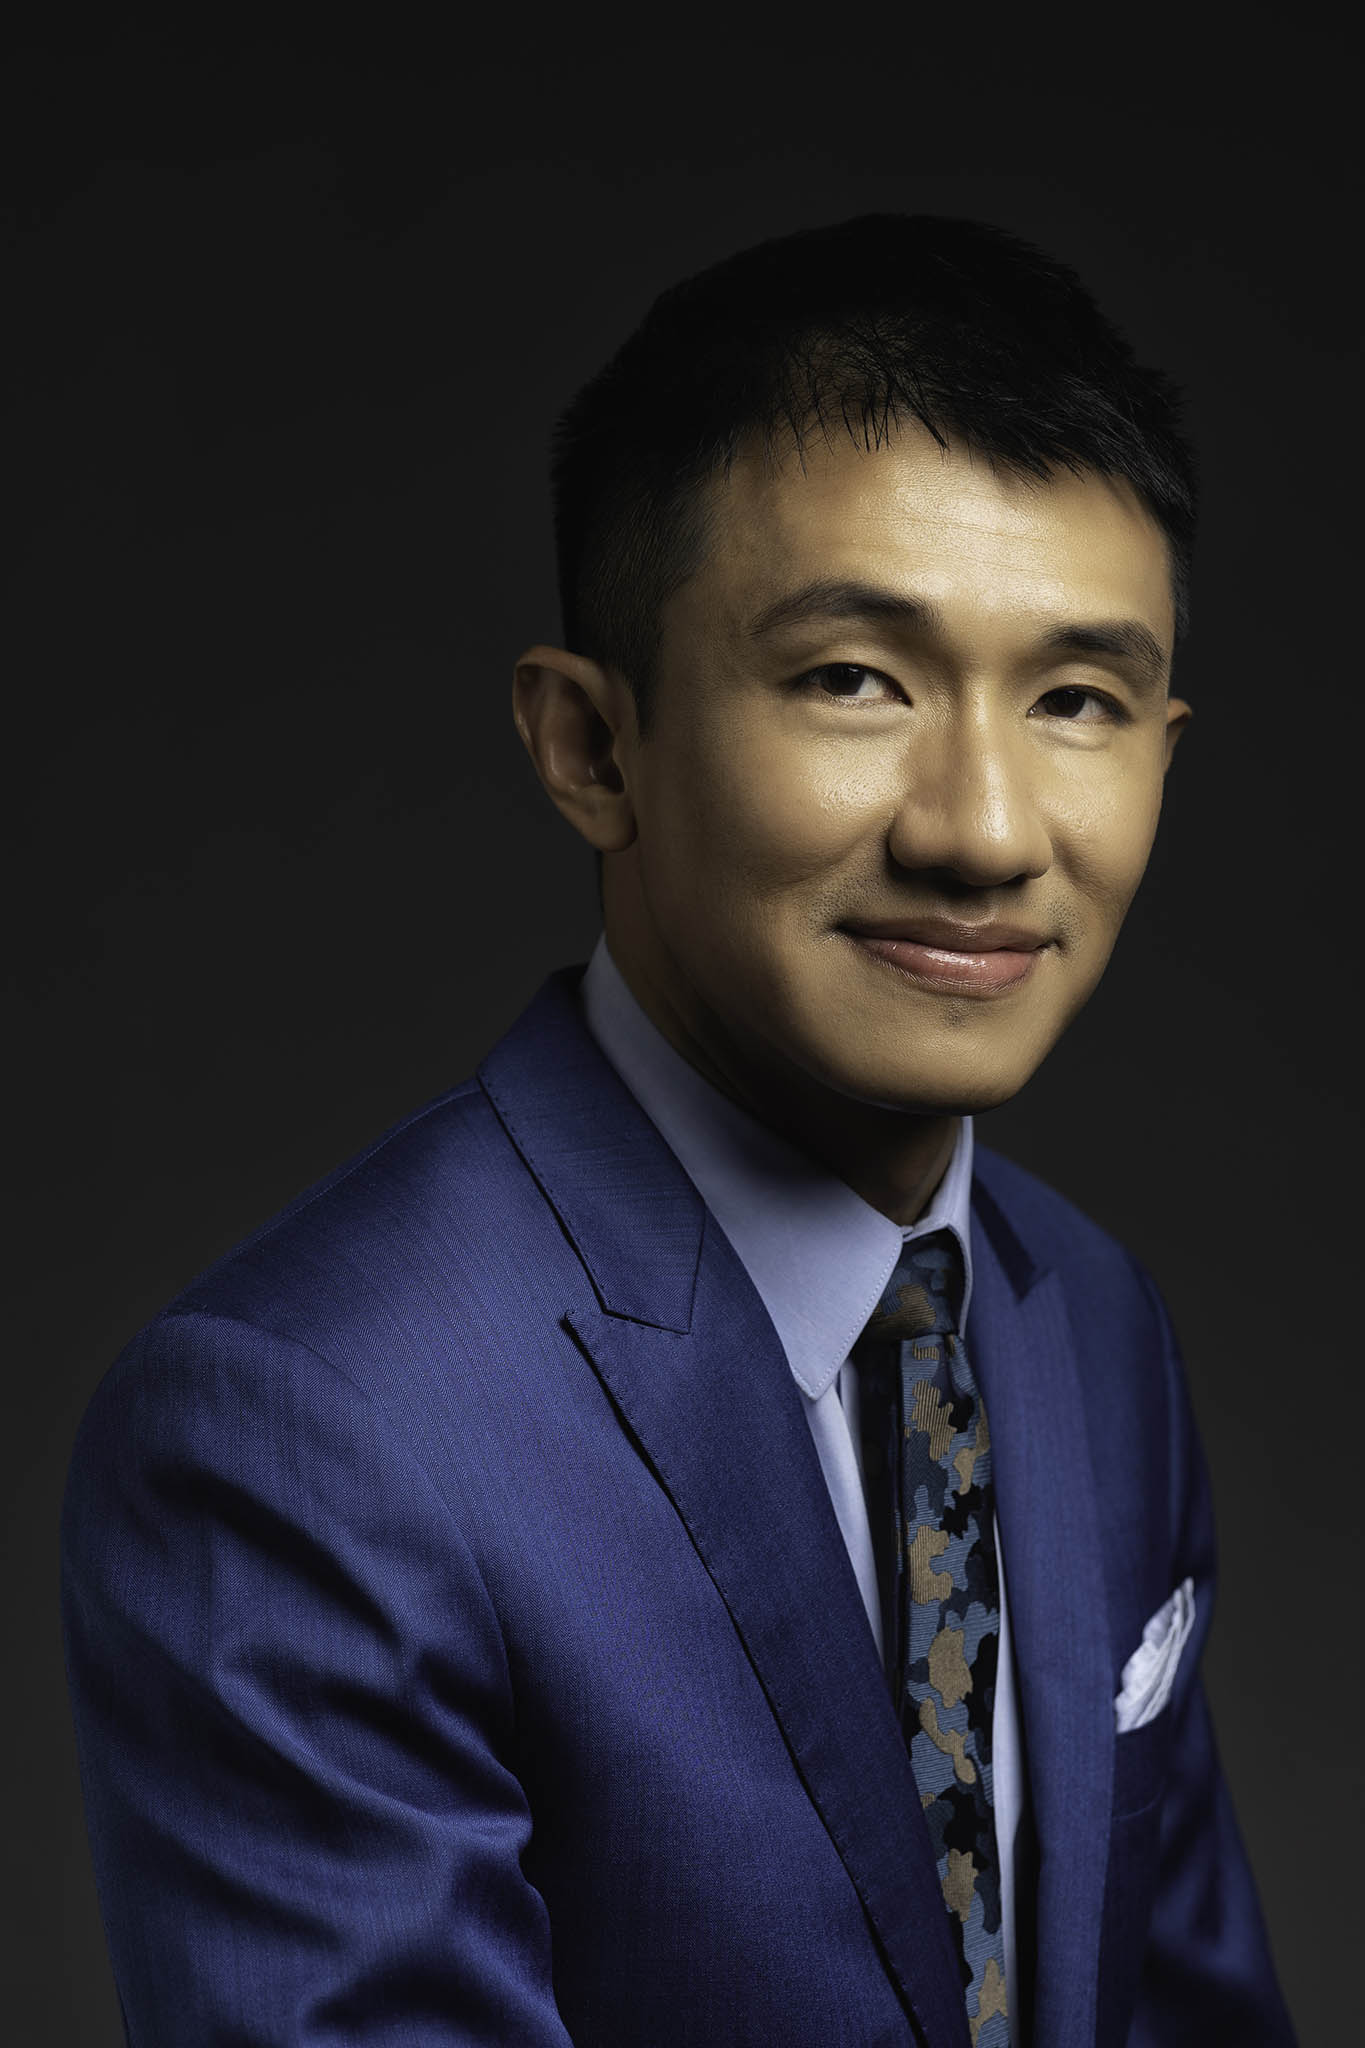 Wang Zineng. Photo by Zakaria Zainal.